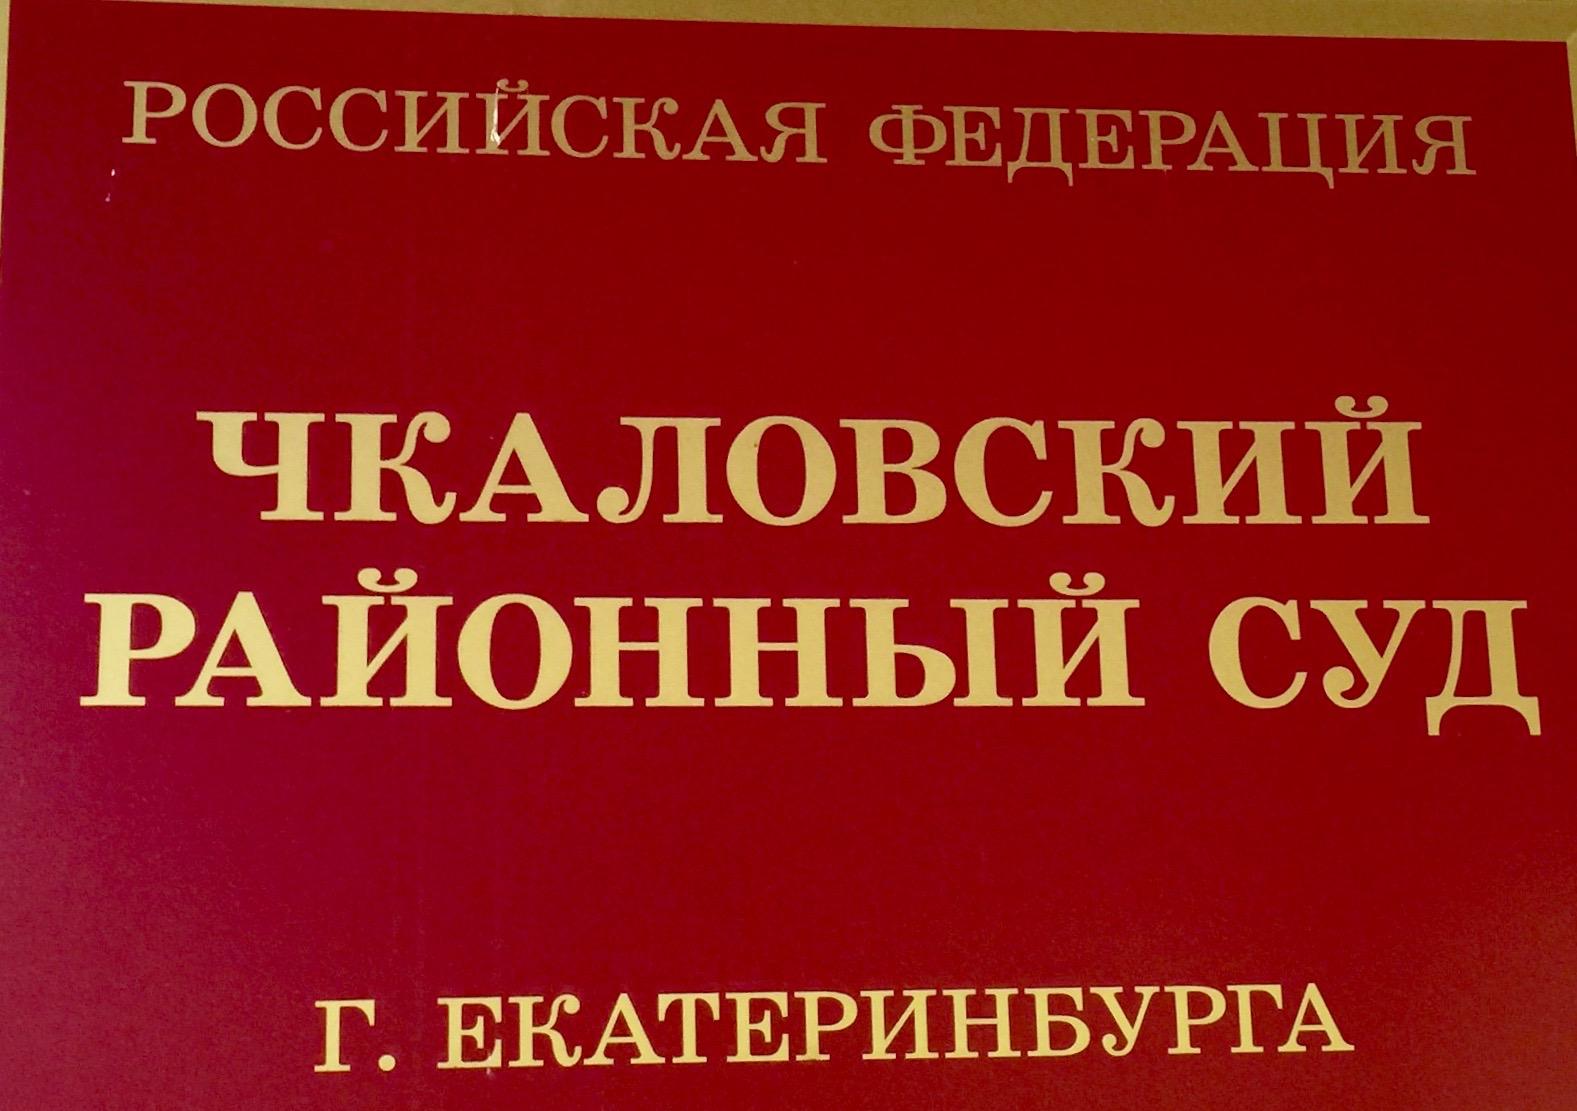 Адвокатская победа по ч. 2 ст. 228 УК РФ: 3 (три) года условно. Первый эксклюзив 2016 года.